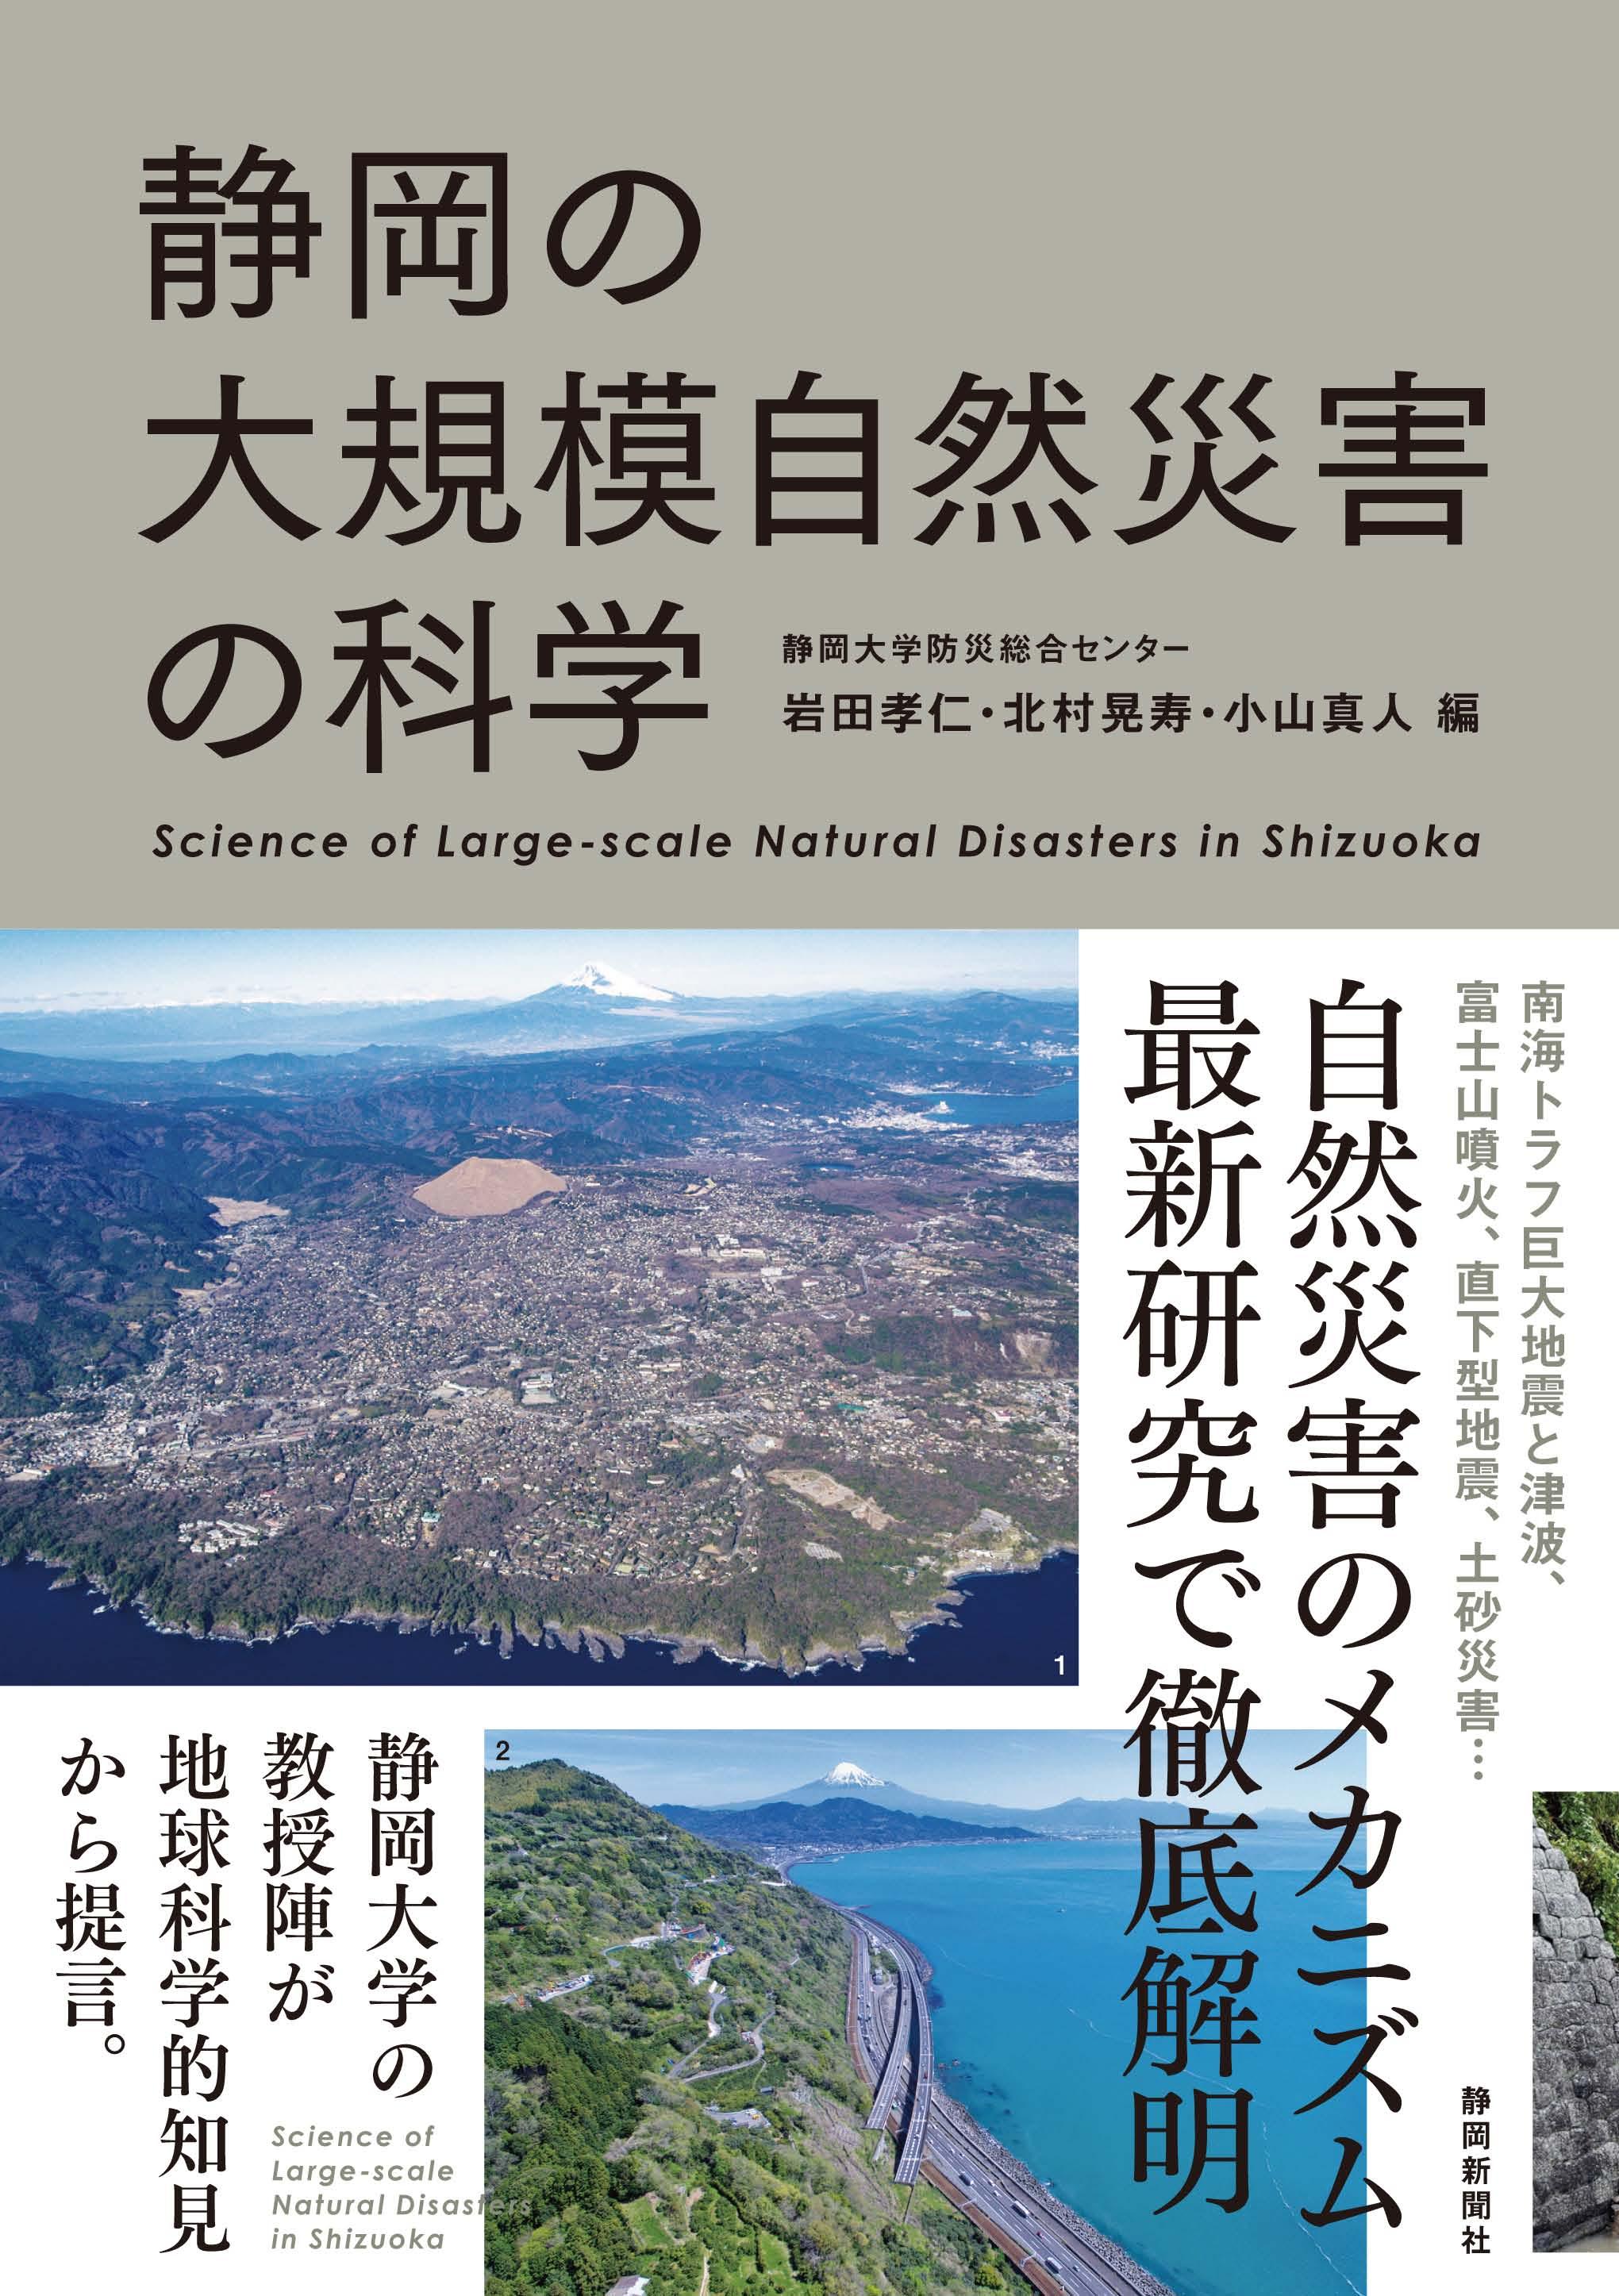 静岡の大規模自然災害の科学